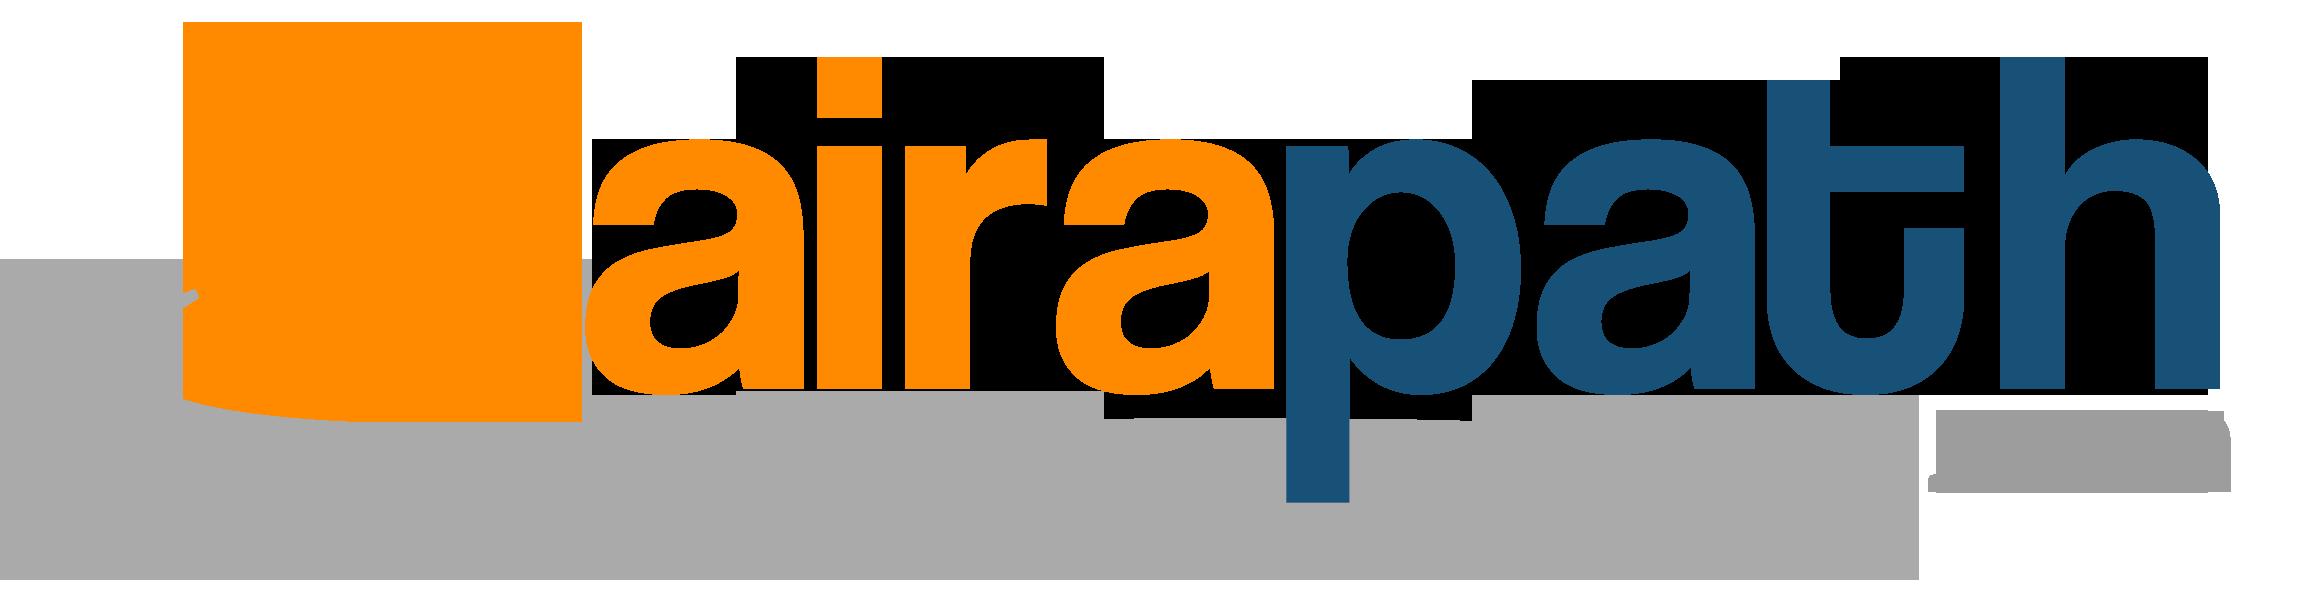 Nairapath